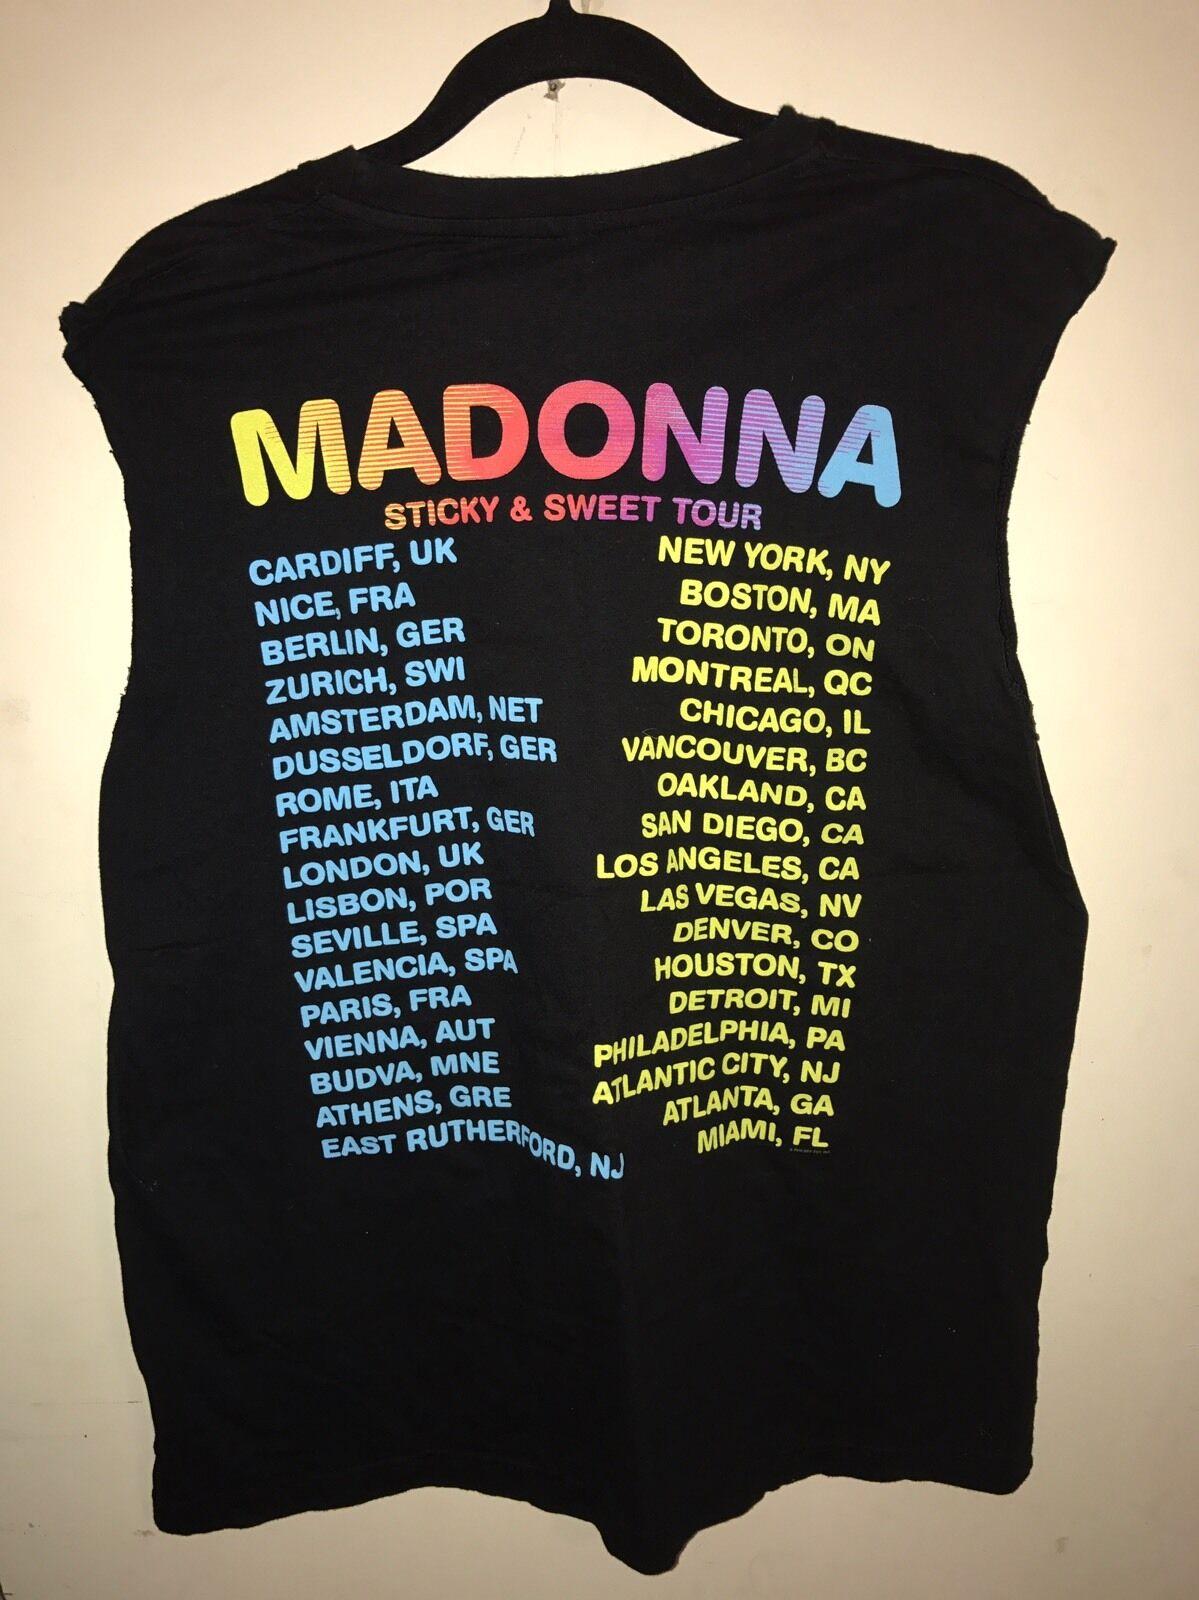 madonna tour shirt - image 2